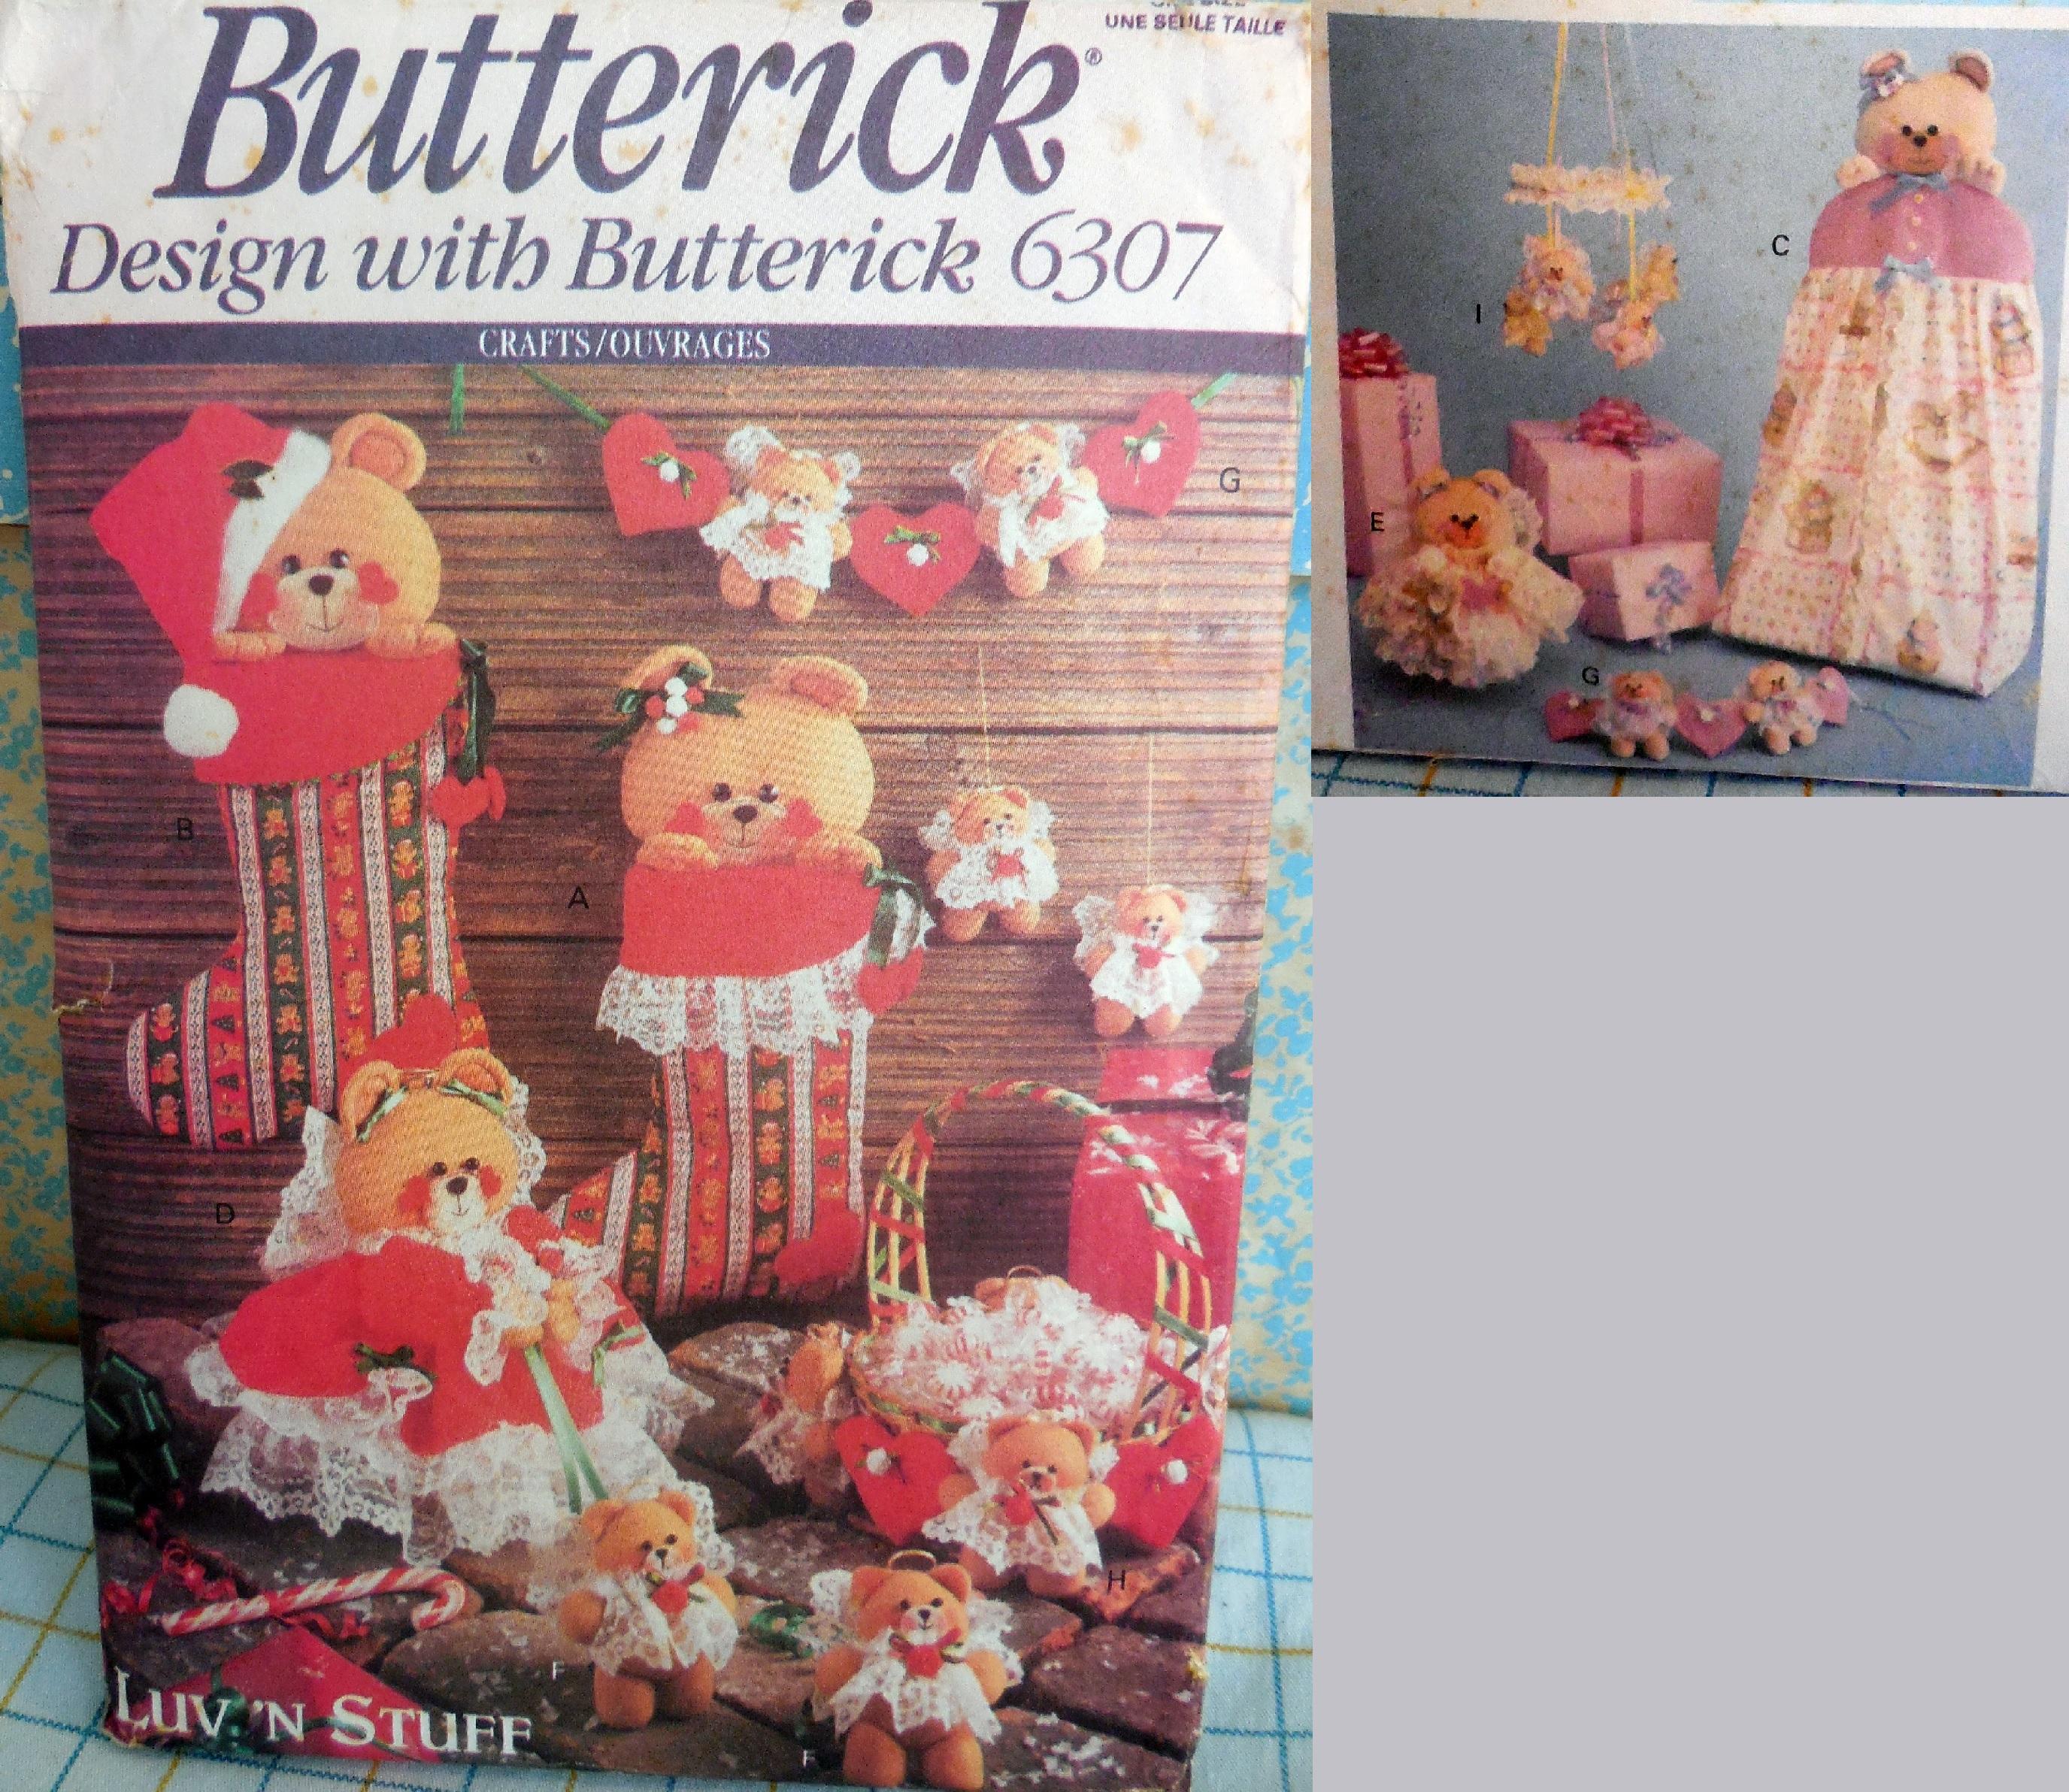 Butterick 6307 A